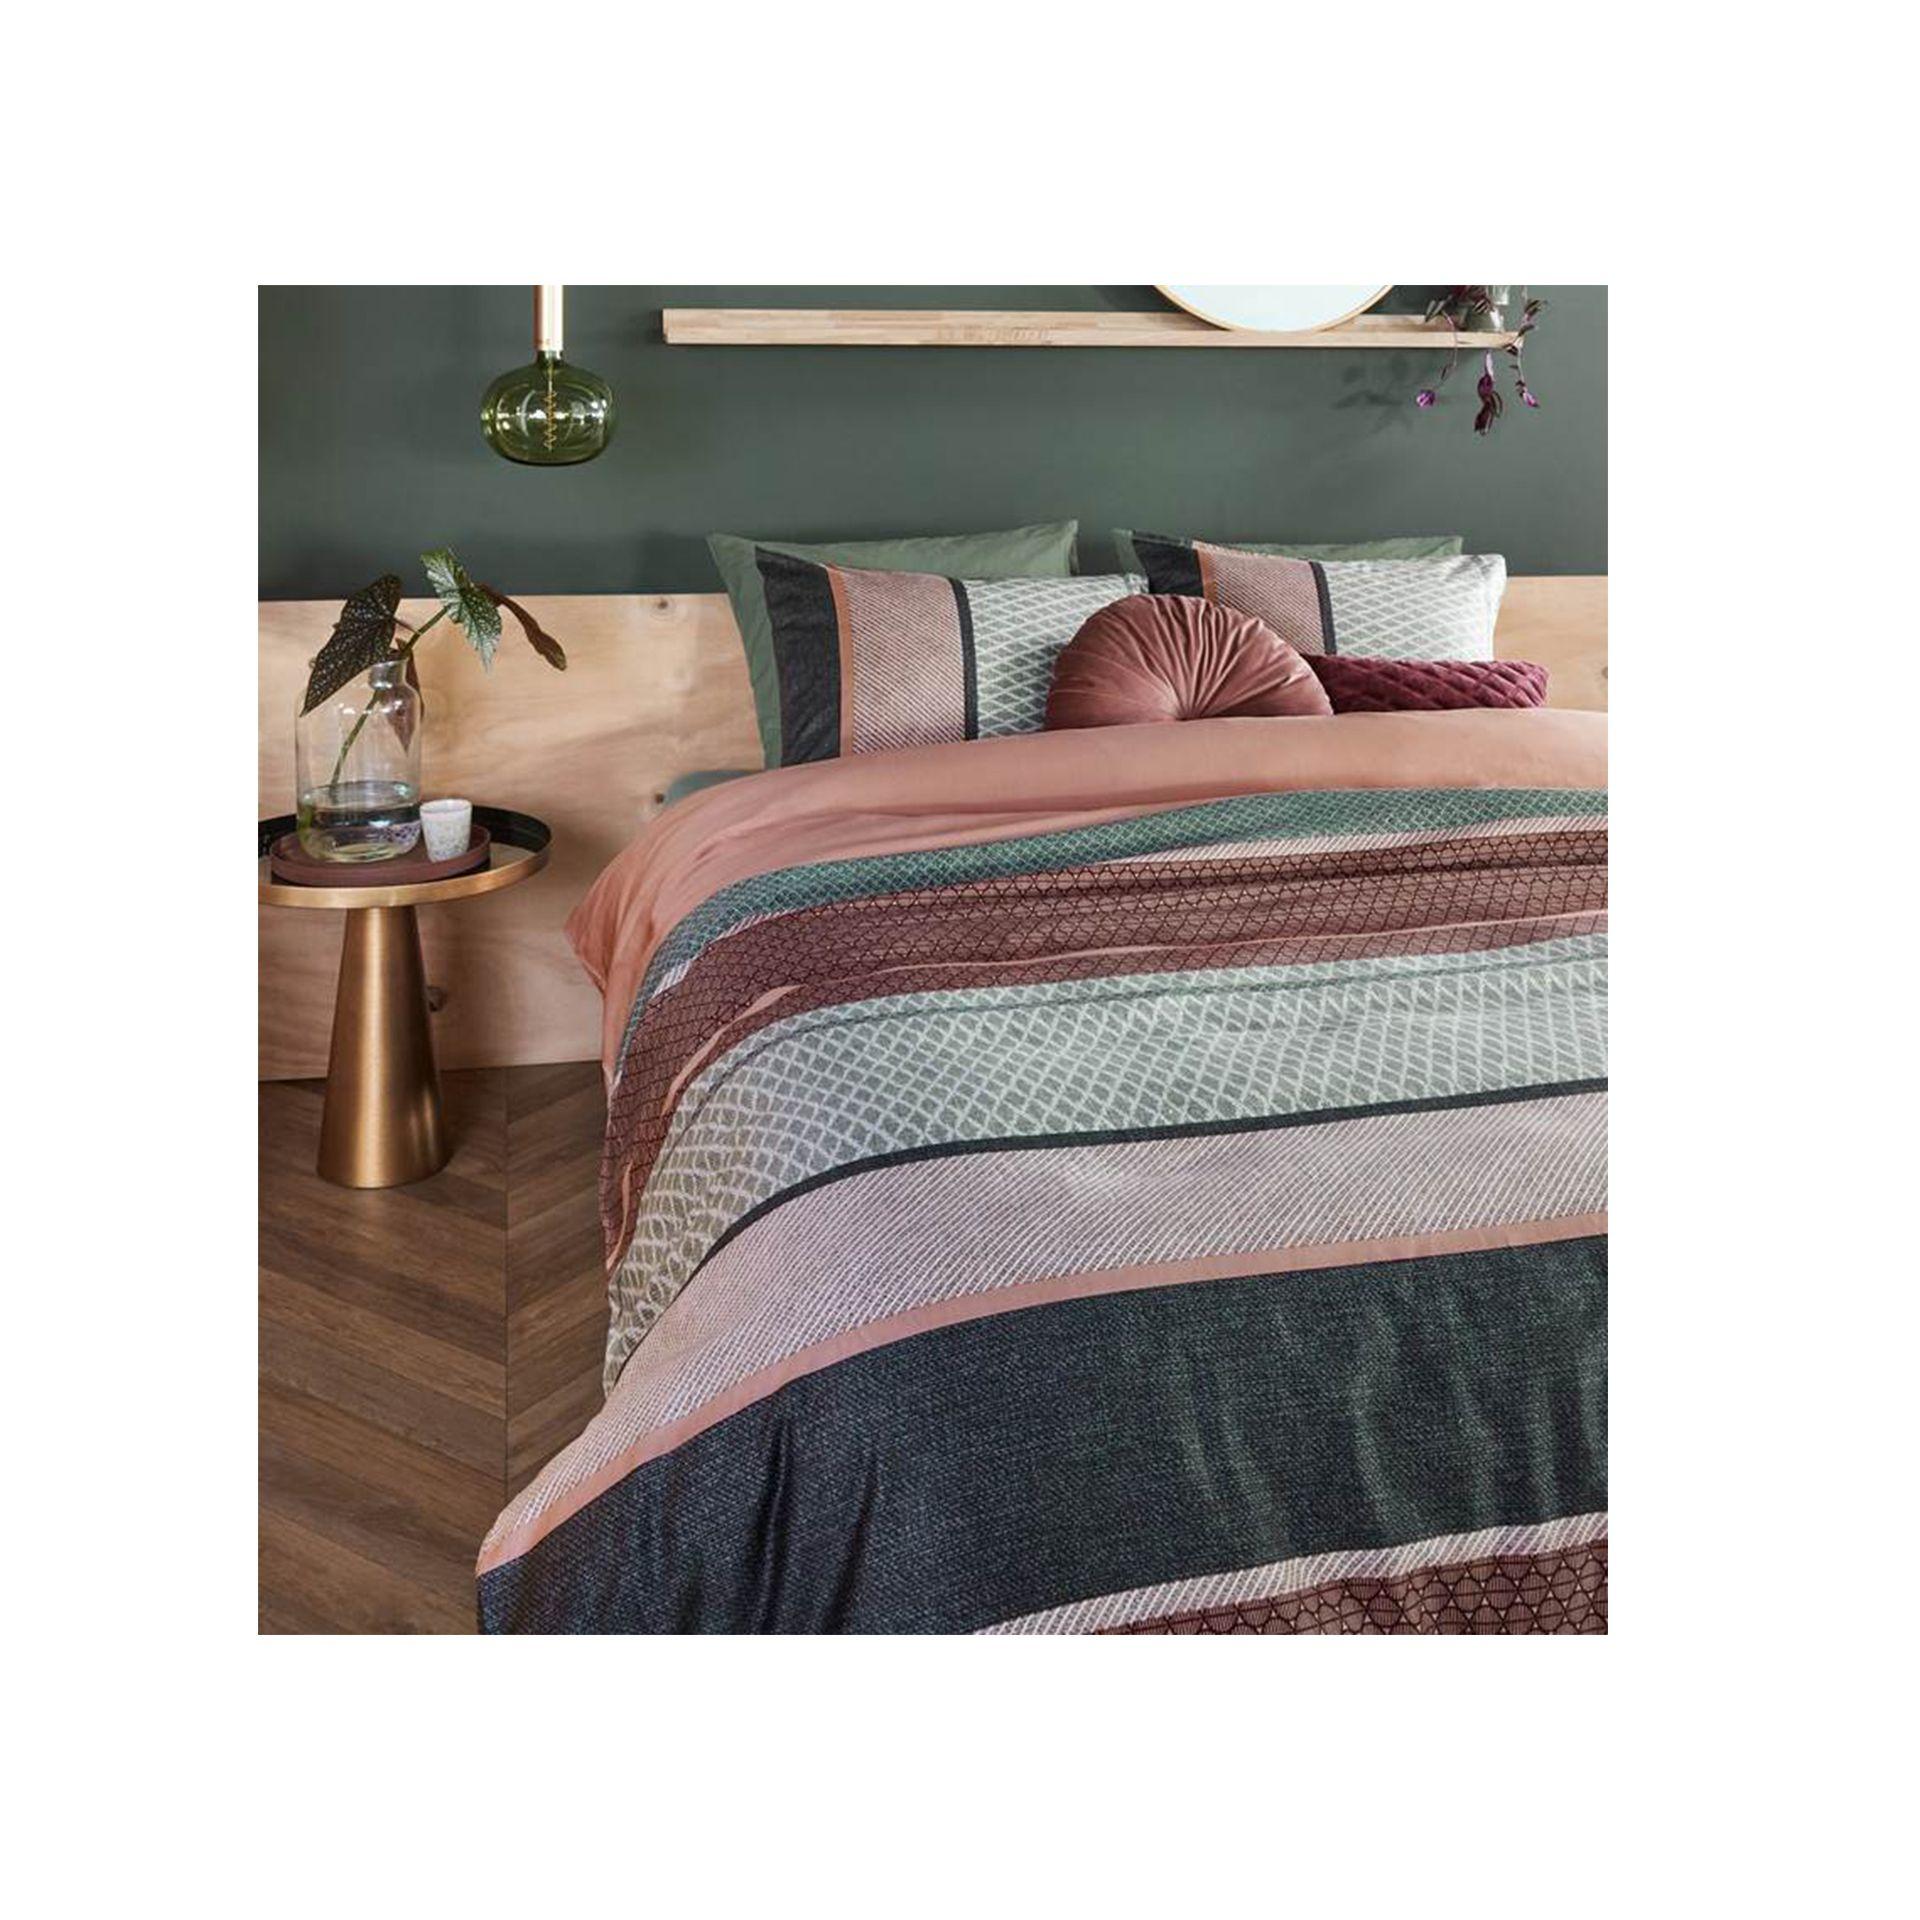 Beddinghouse - Lian green dekbedovertrek